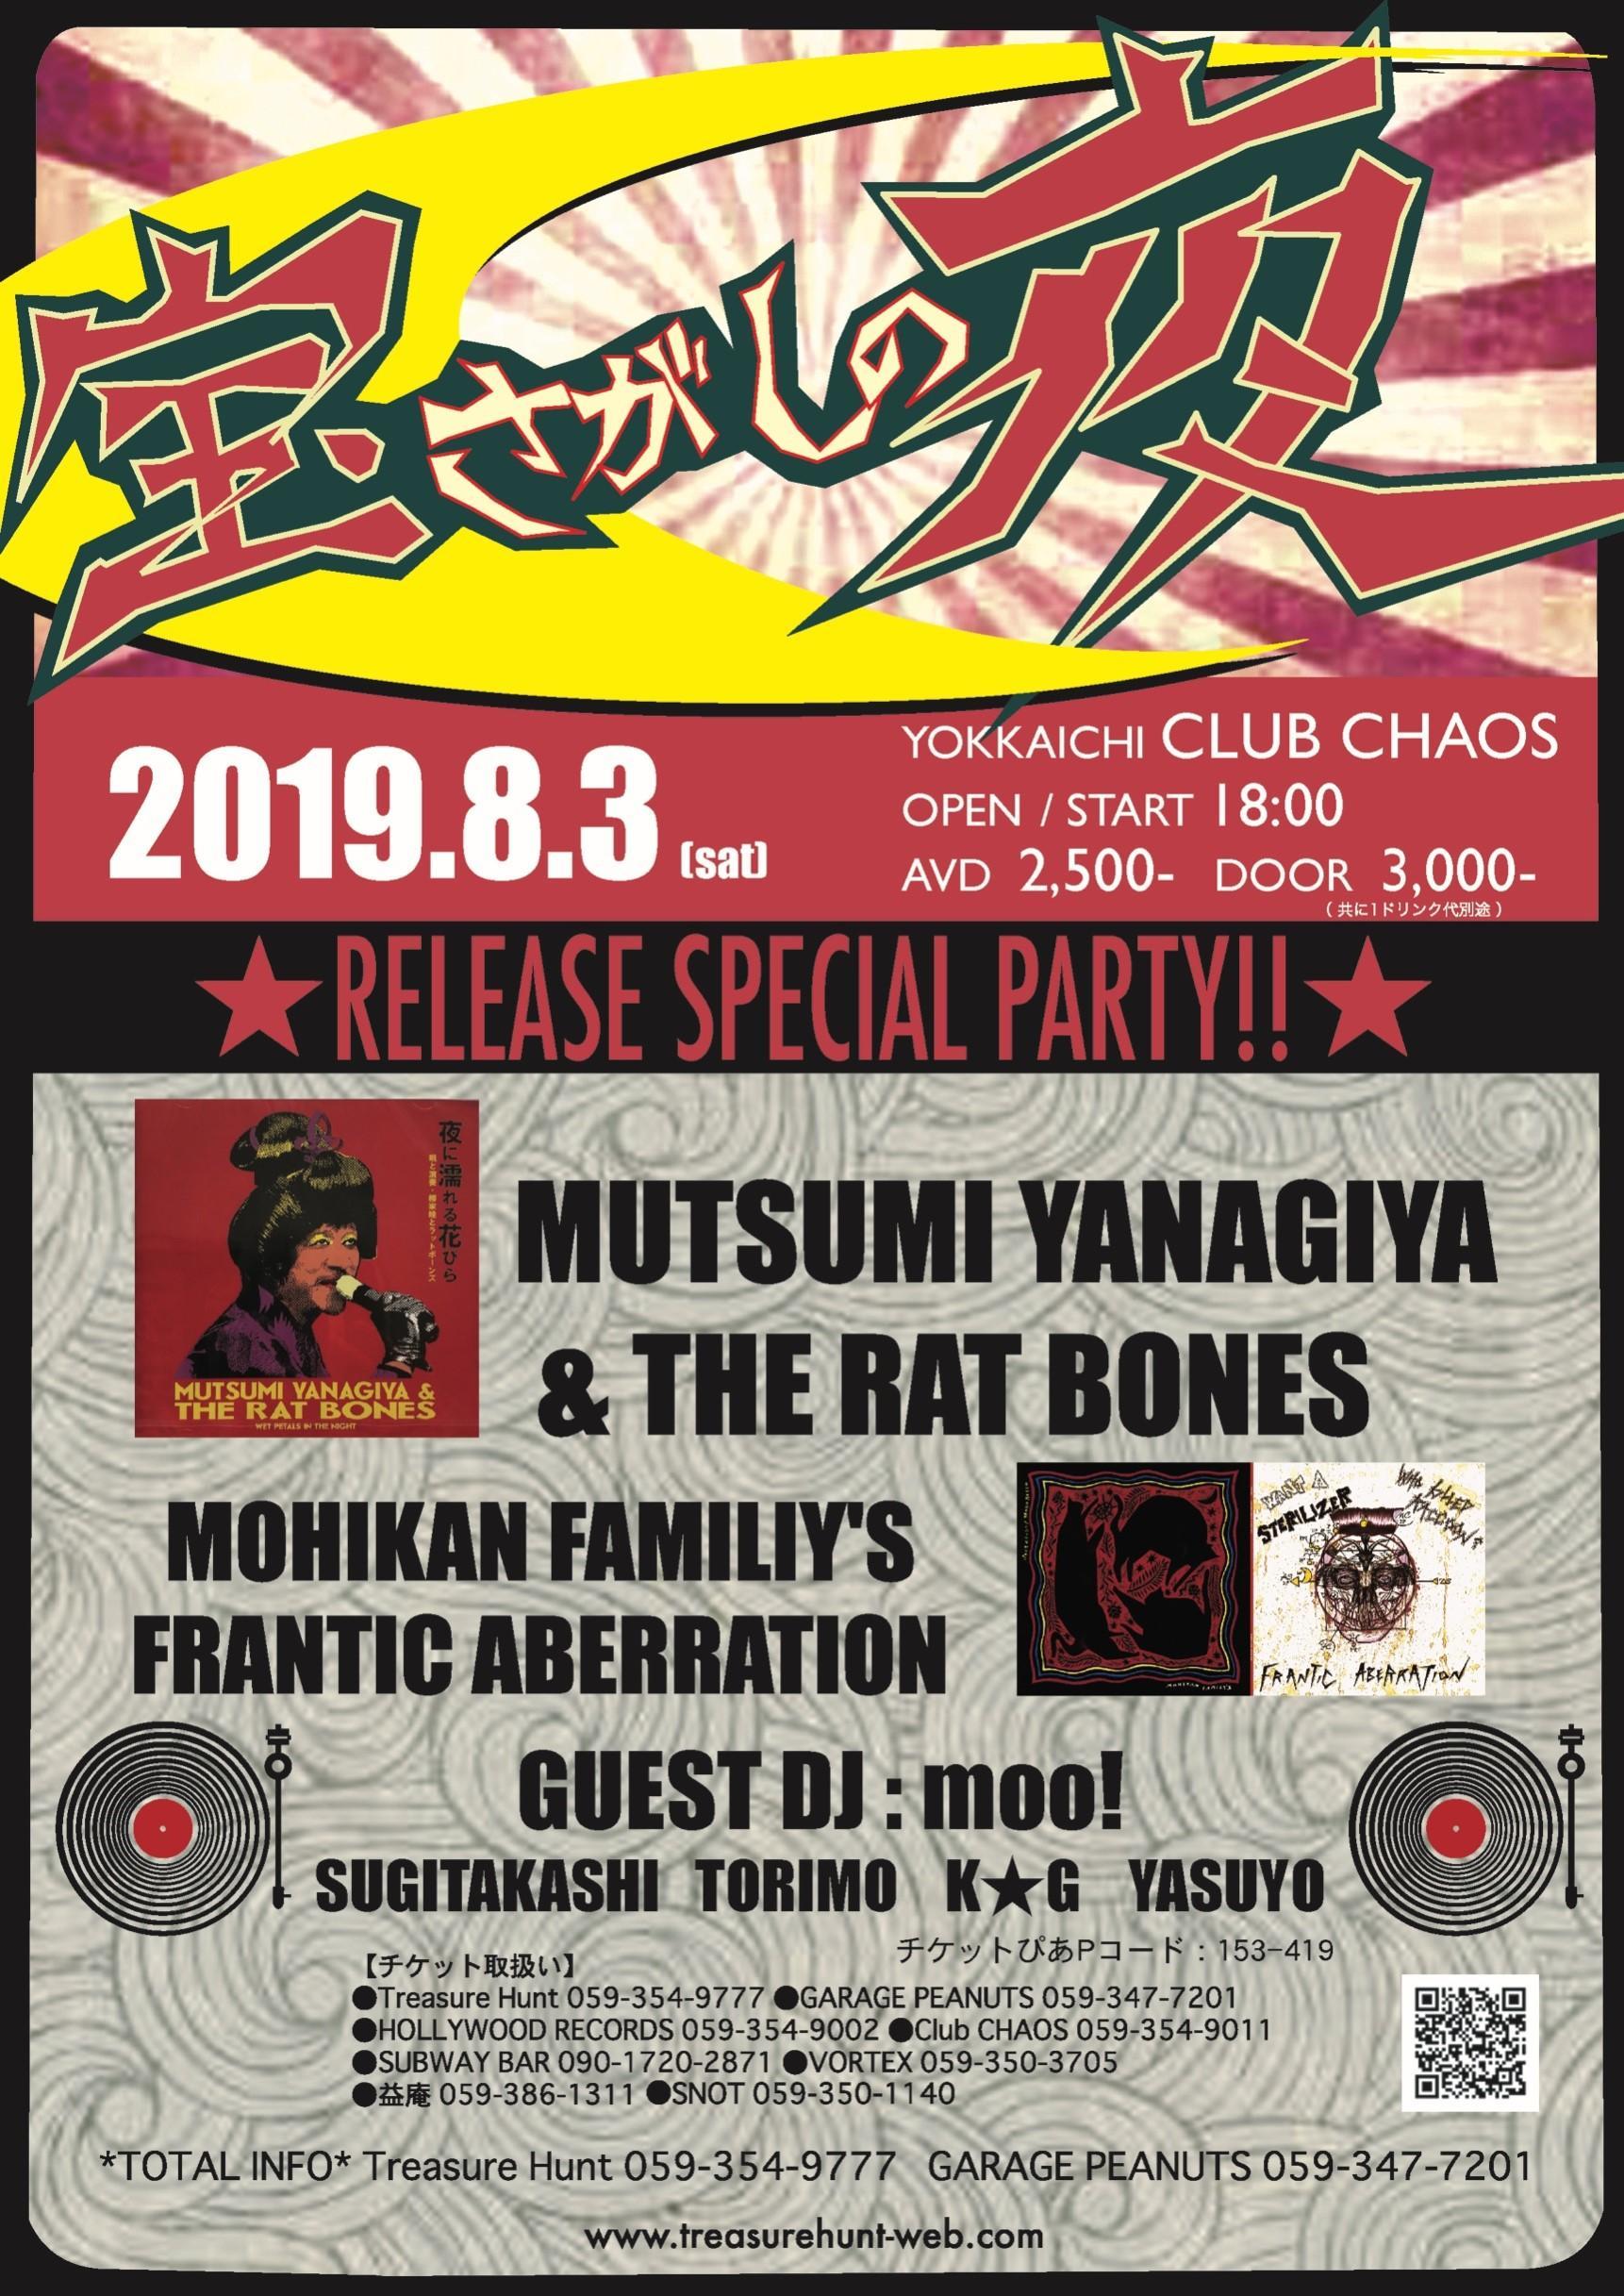 モヒカン&フランティックアベレーション&柳家睦&THE RAT BONESとレコ発イベント!